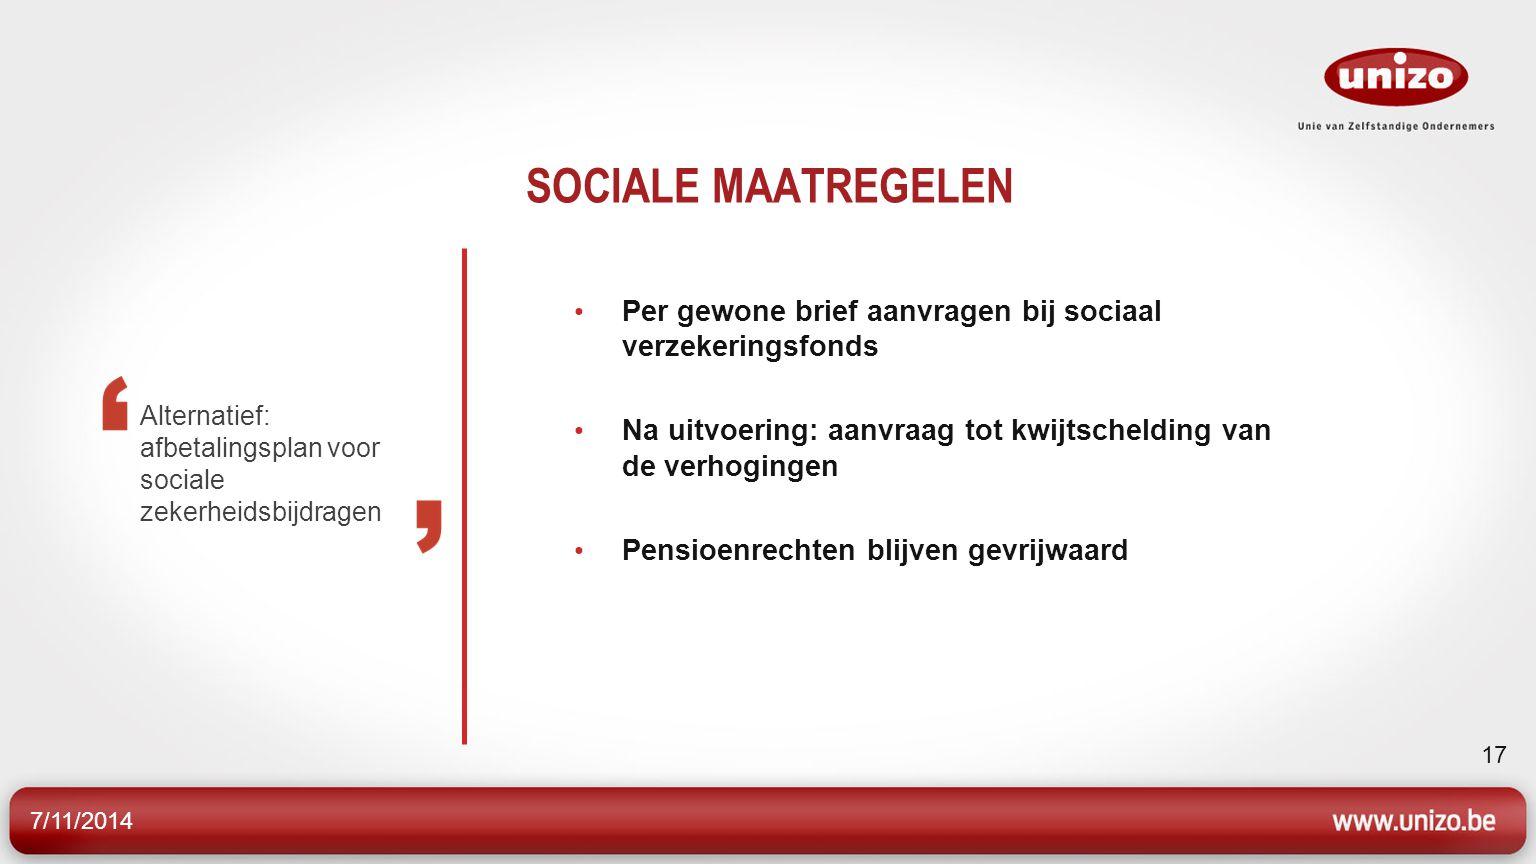 7/11/2014 17 SOCIALE MAATREGELEN Per gewone brief aanvragen bij sociaal verzekeringsfonds Na uitvoering: aanvraag tot kwijtschelding van de verhogingen Pensioenrechten blijven gevrijwaard Alternatief: afbetalingsplan voor sociale zekerheidsbijdragen